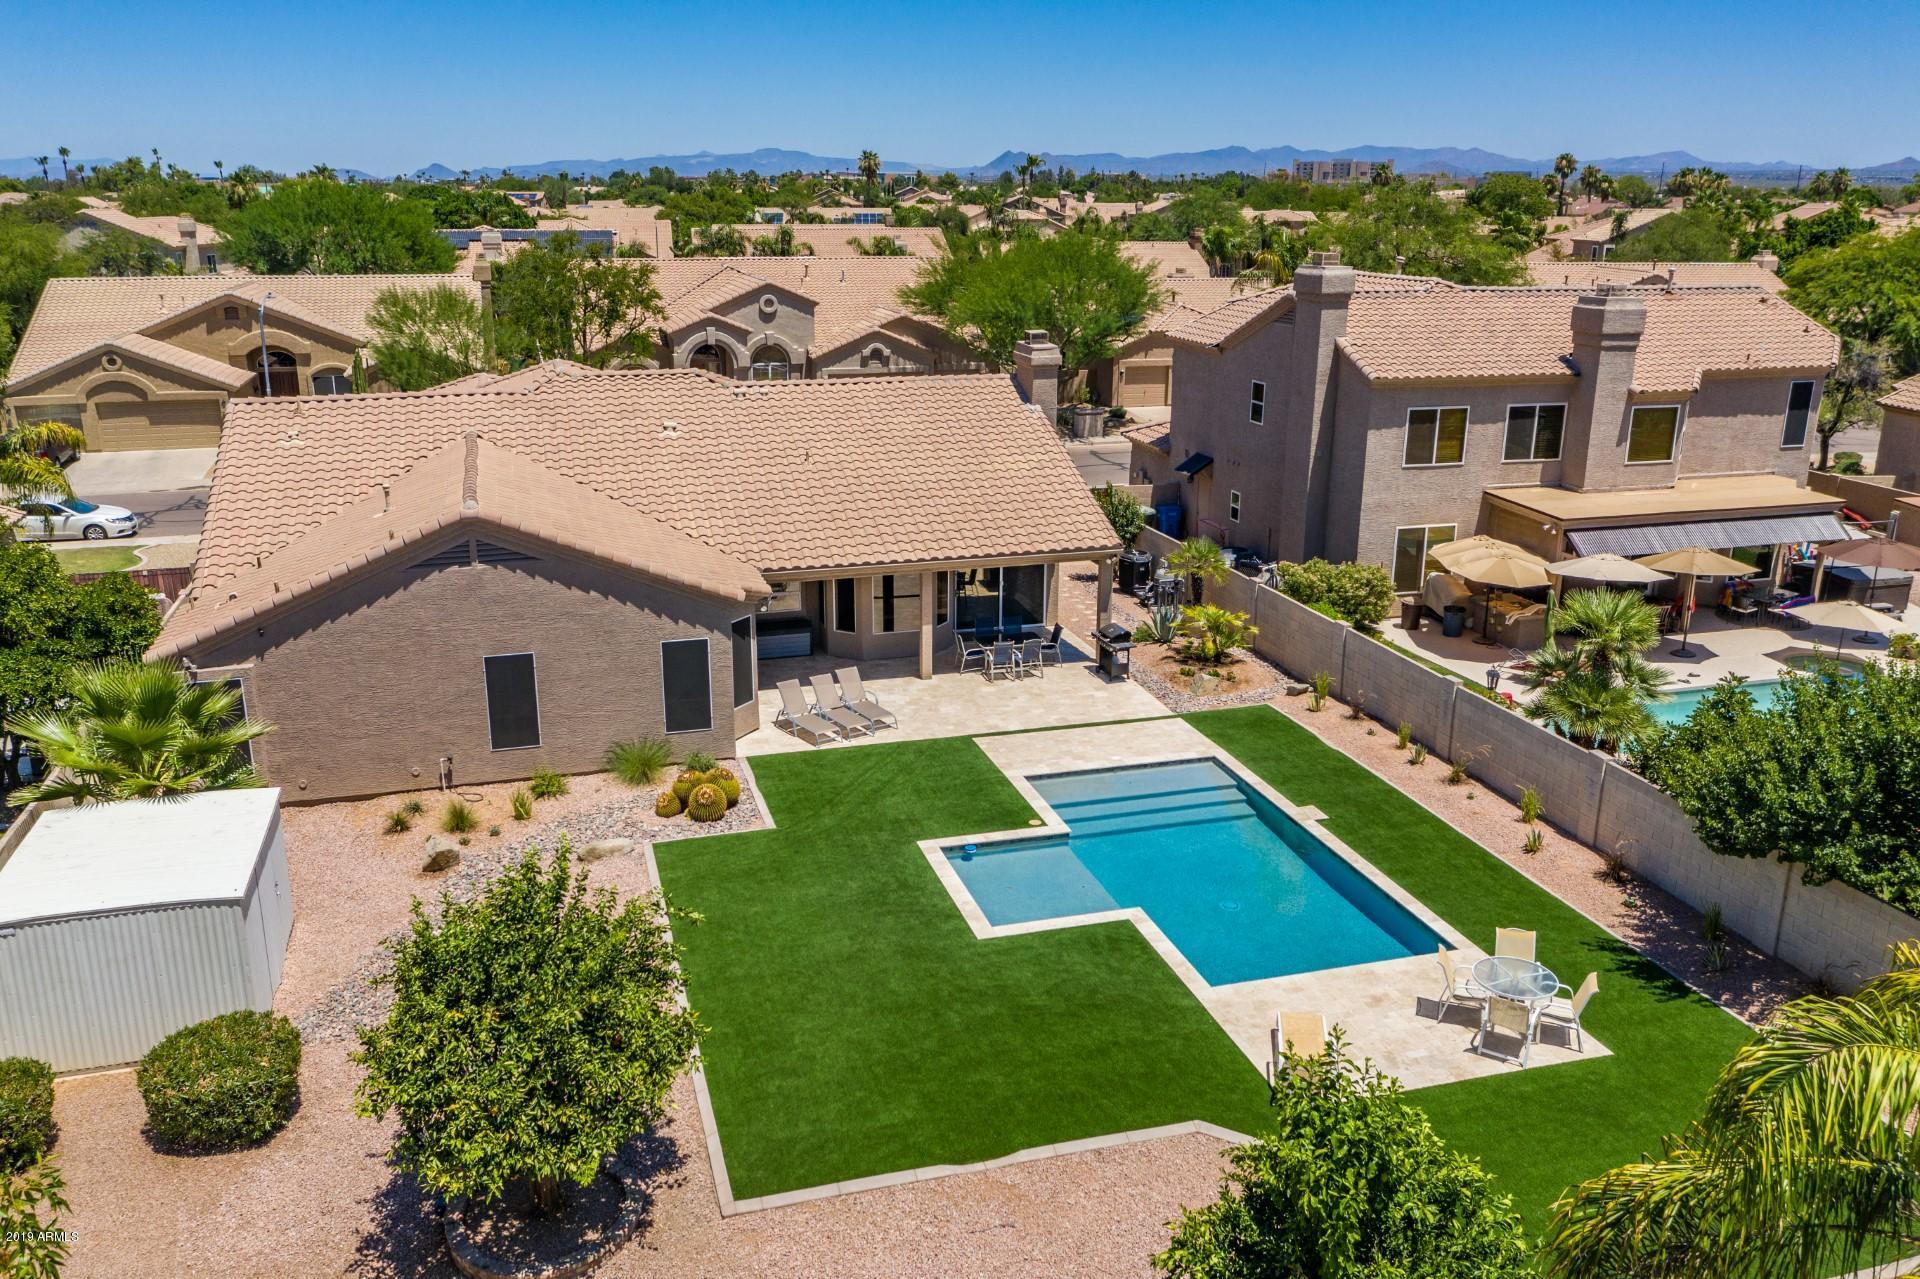 MLS 5952626 5433 E HARTFORD Avenue, Scottsdale, AZ 85254 Scottsdale AZ Private Pool